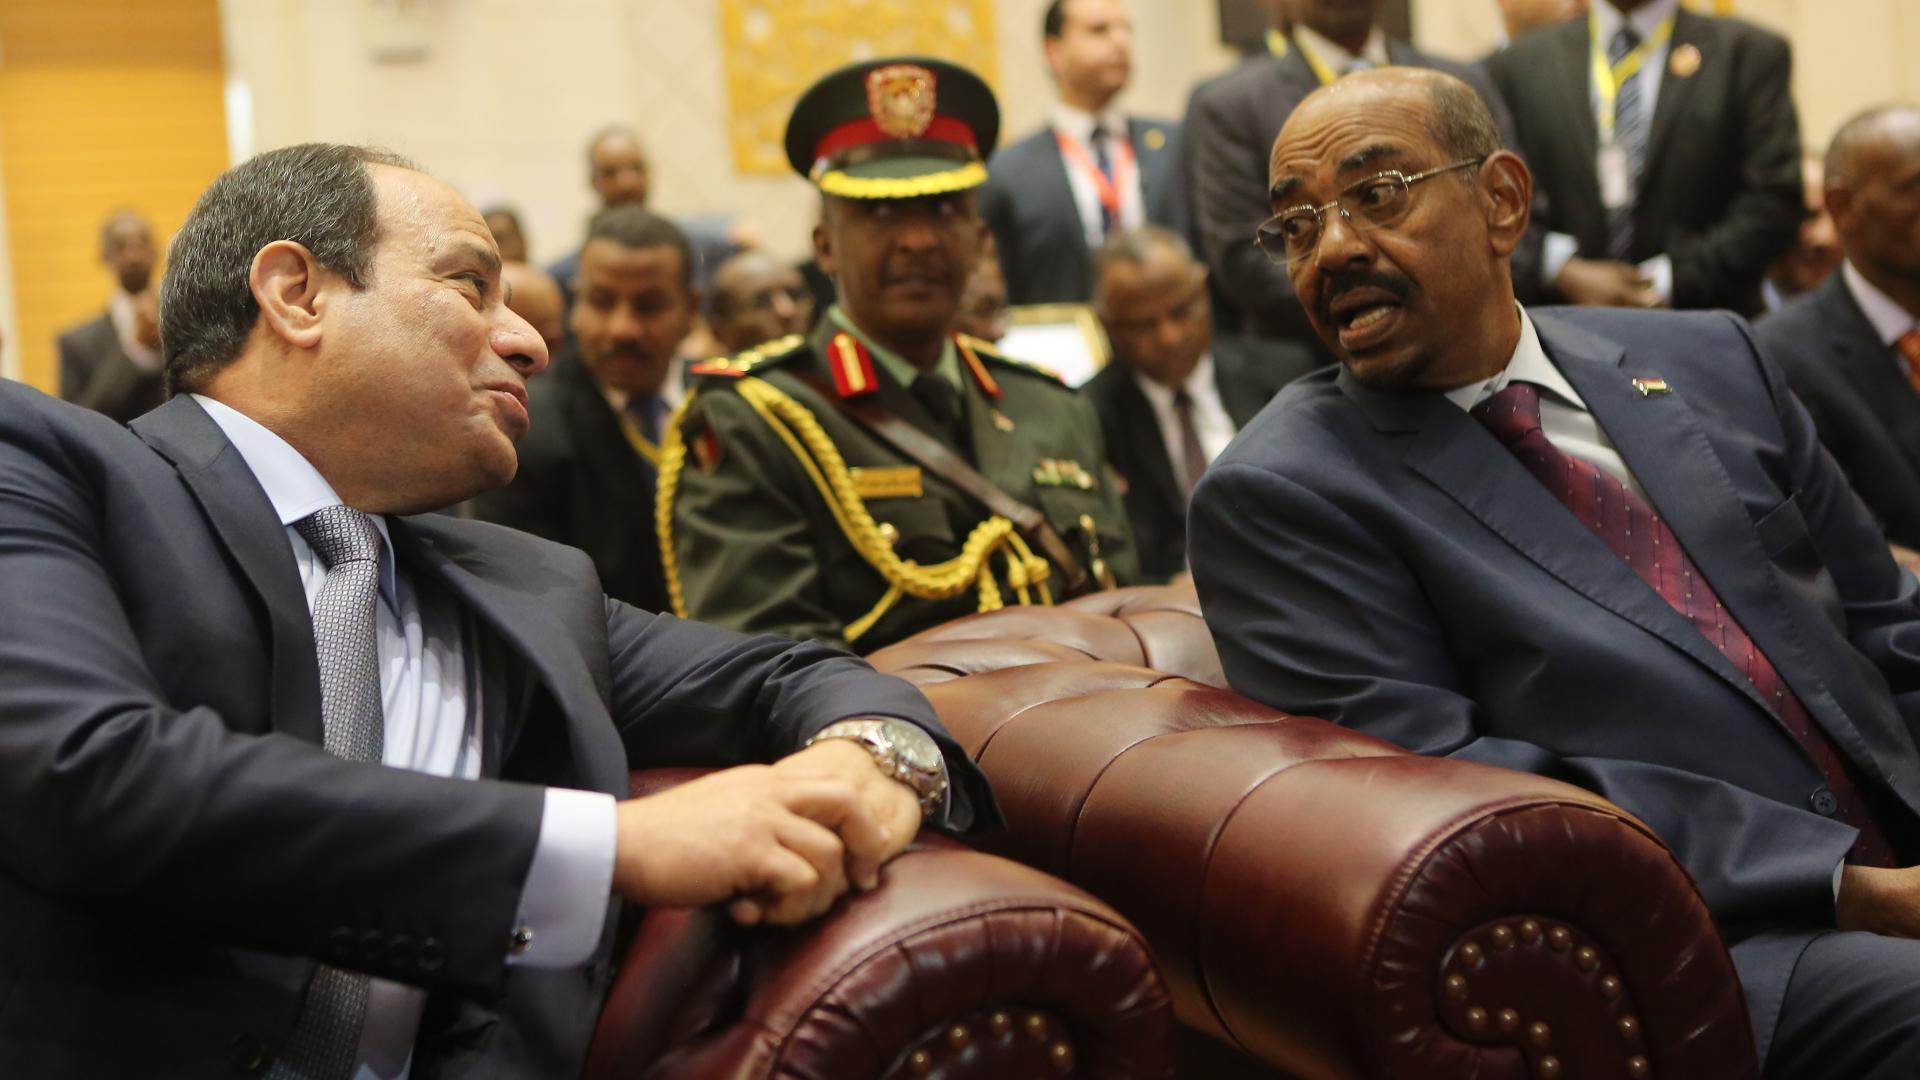 في ثاني زيارة منذ بدء الاحتجاجات.. ماذا بحث البشير مع السيسي في مصر؟